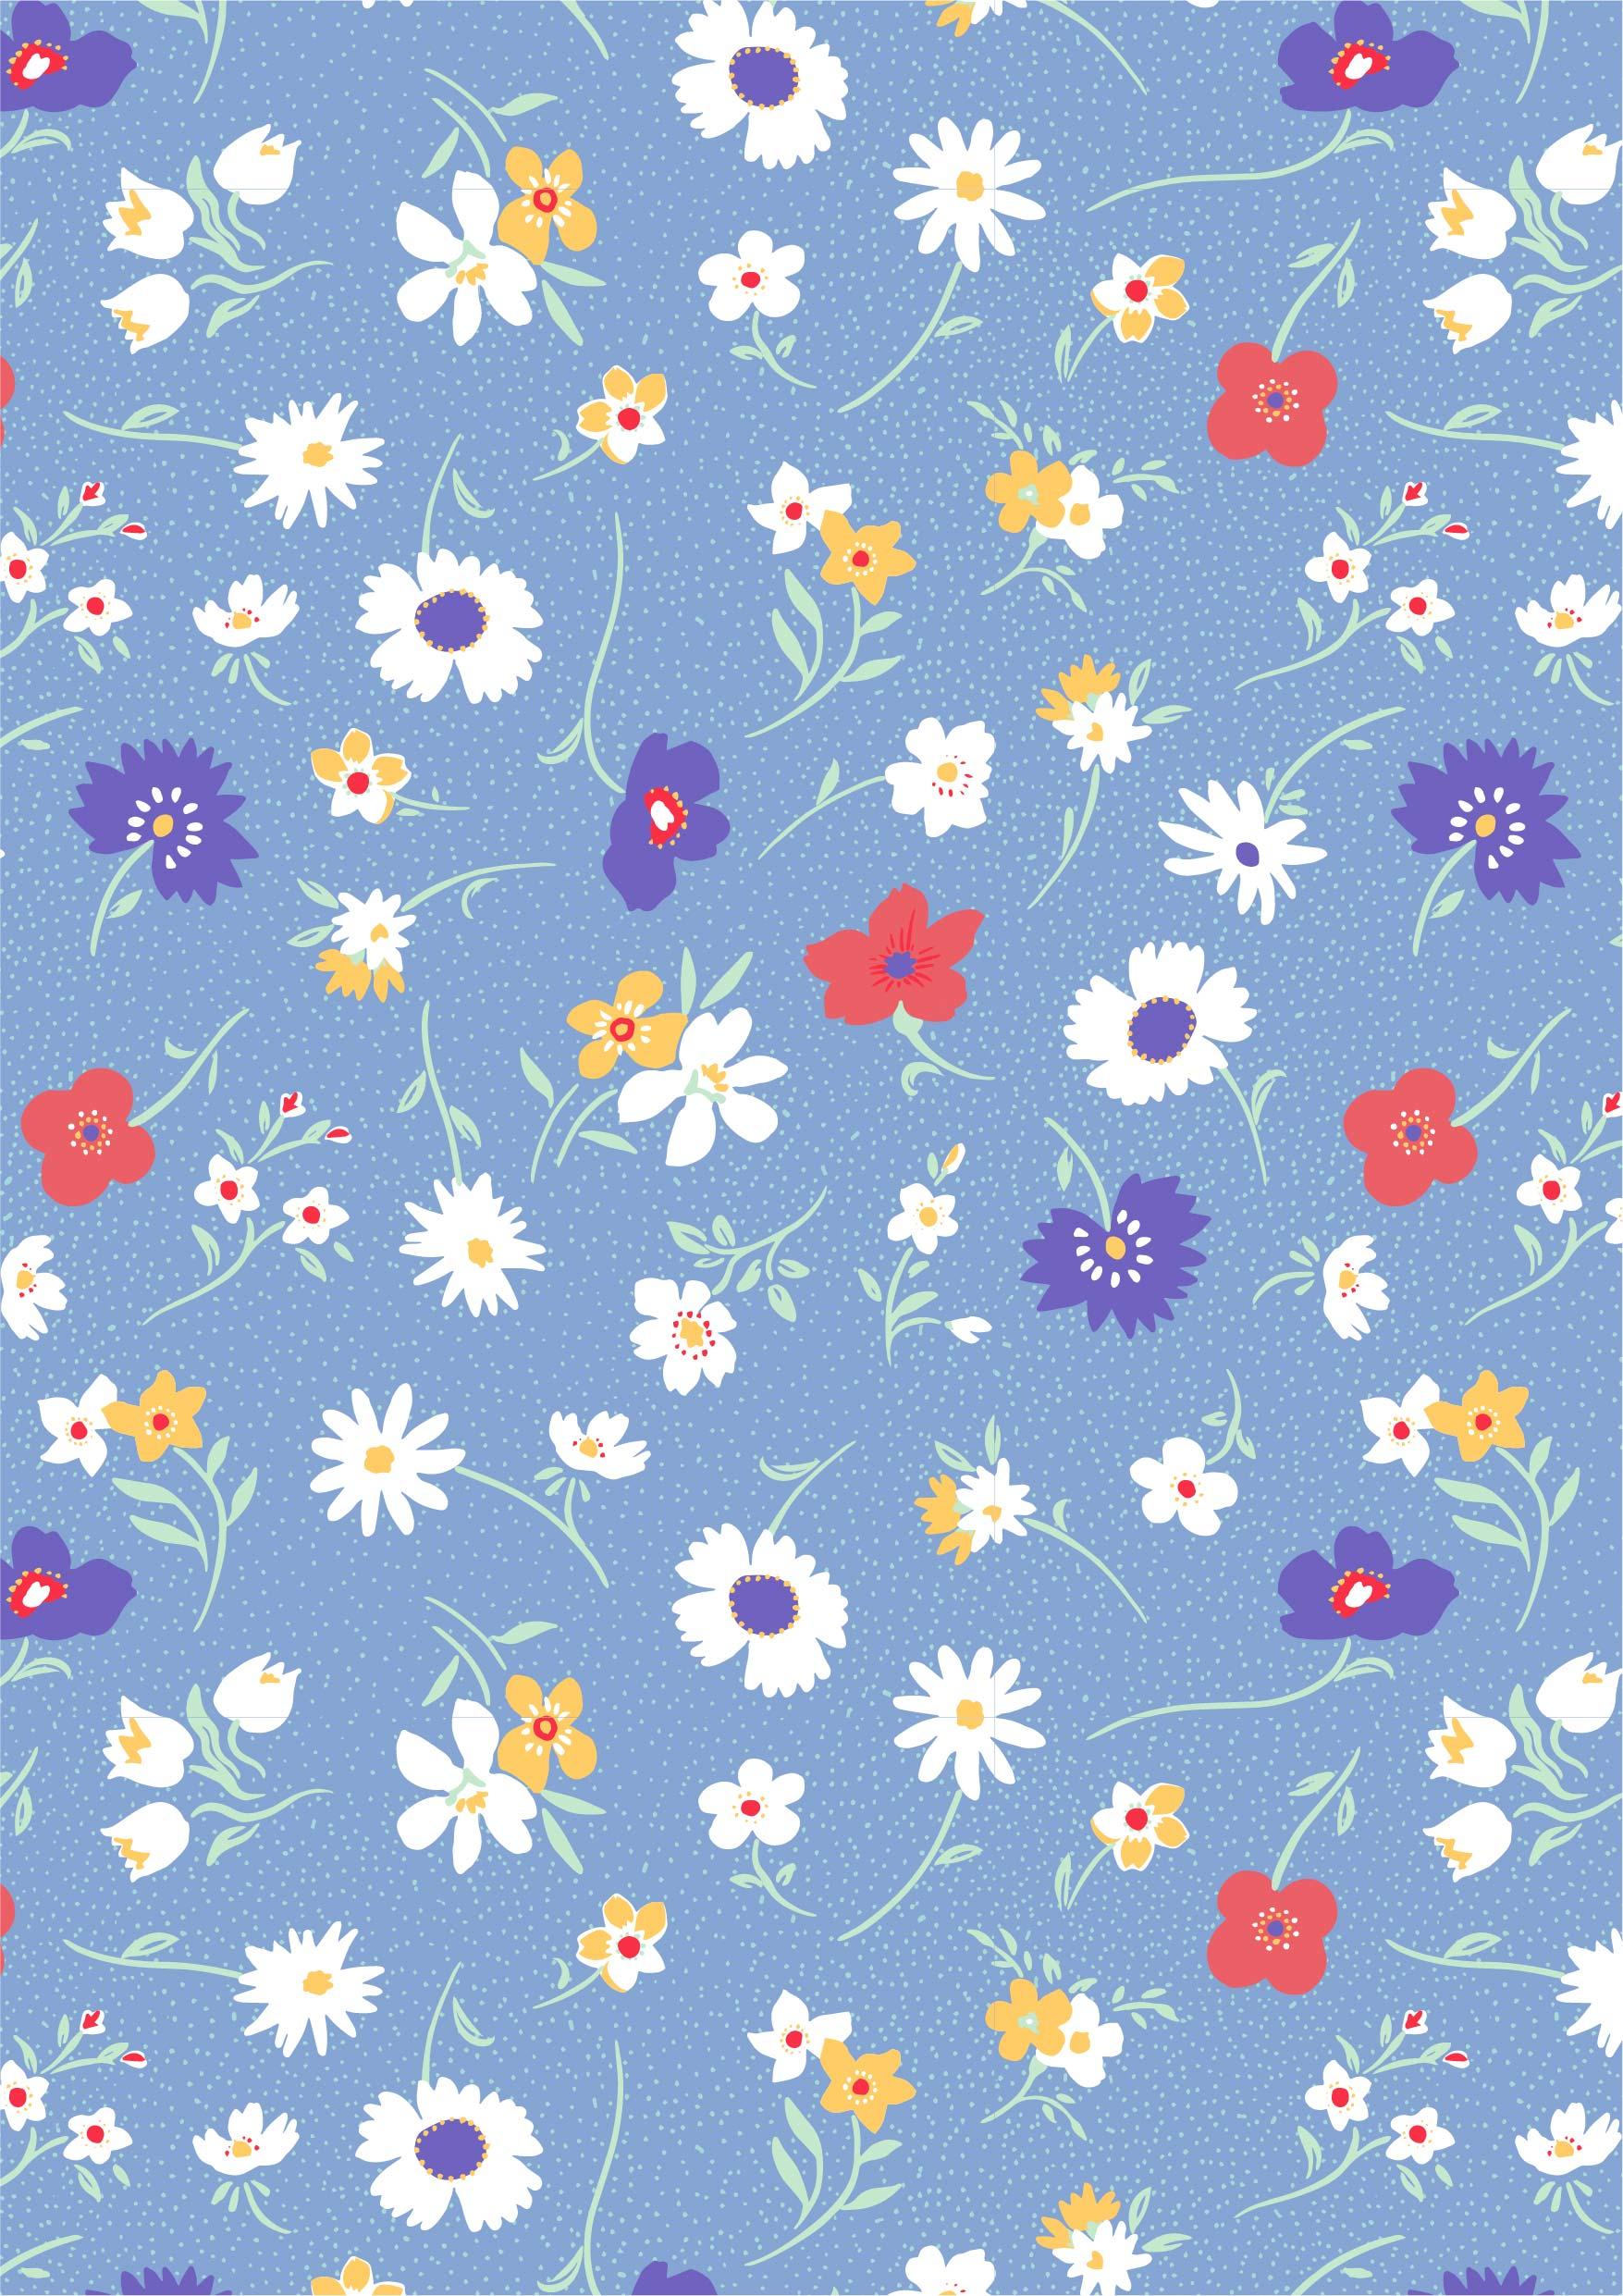 植物花朵菊花圆点矢量图服装纺织面料水印数码印花花型素材-POP花型网